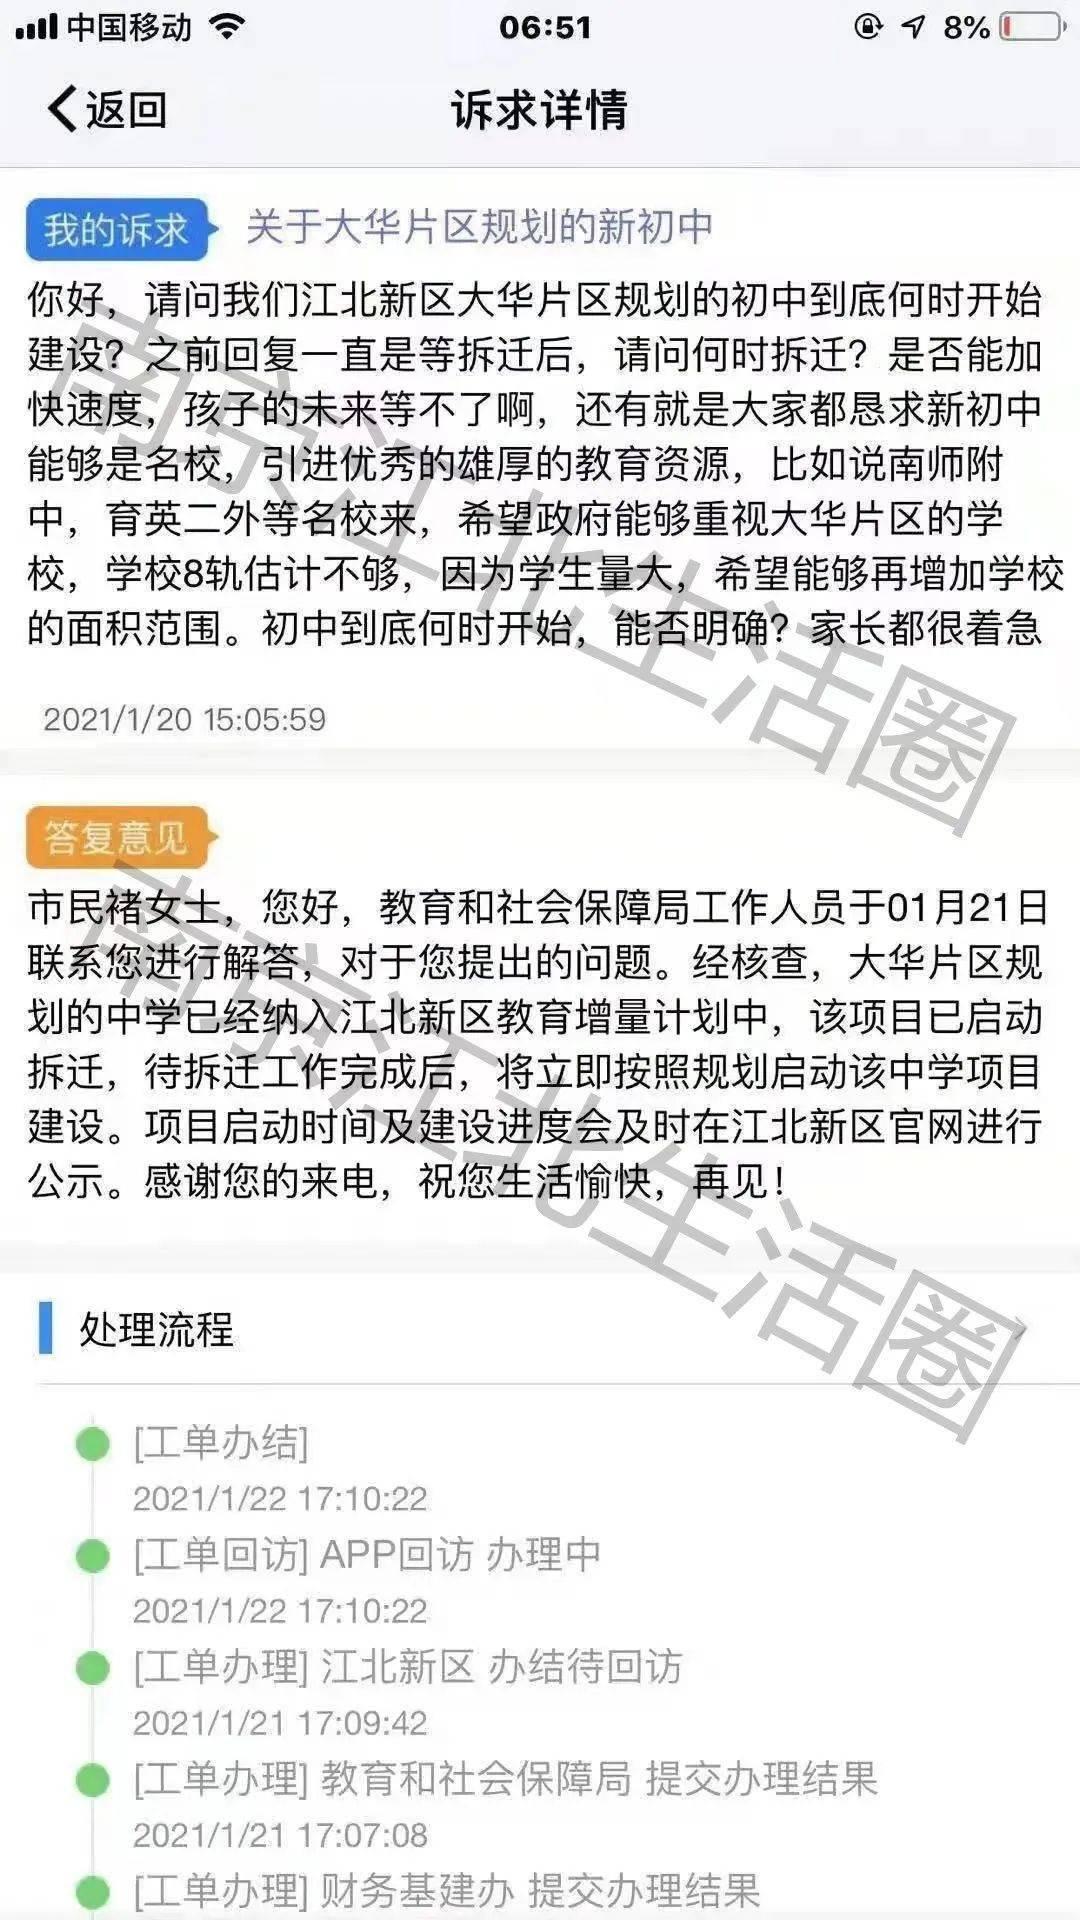 启动拆迁!新增一所初中,南京这里可能变成双学区